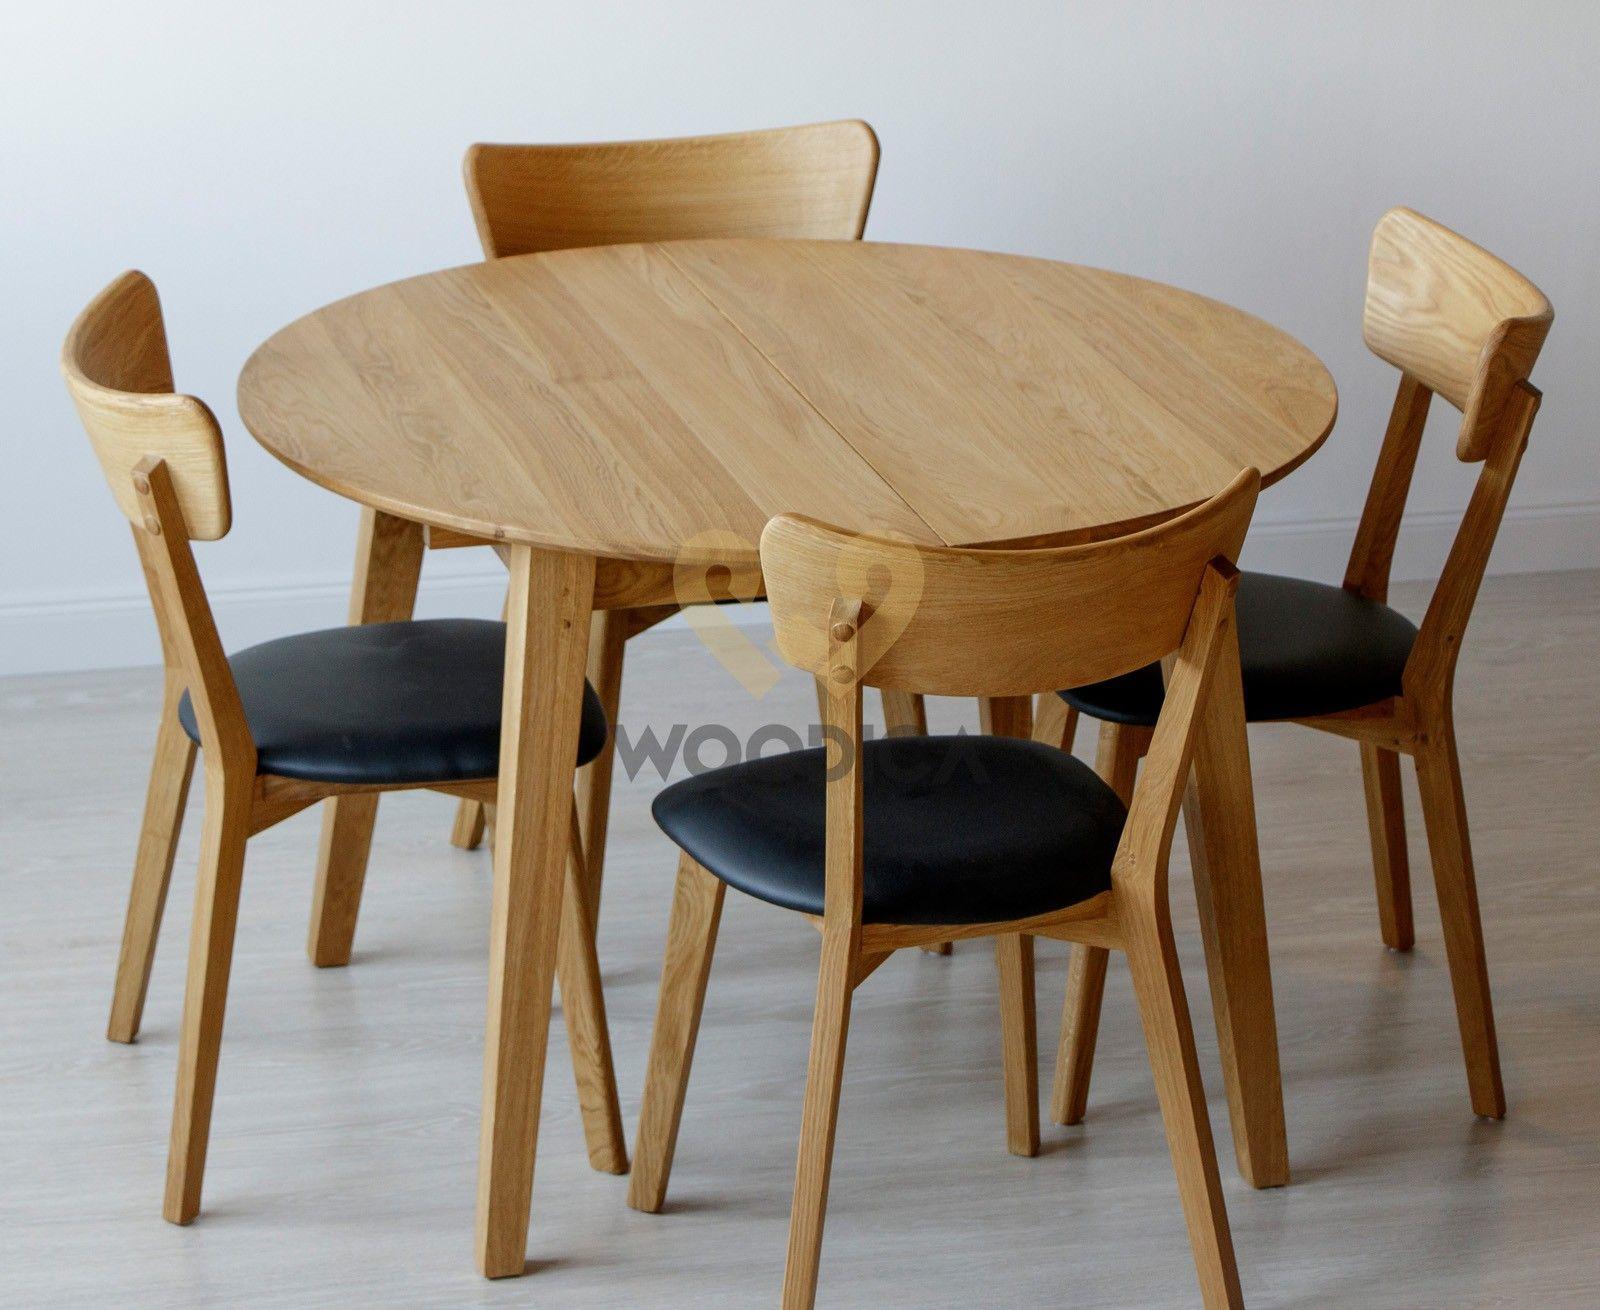 Stół Dębowy Okrągły 04 Rozkładany Inspiracjesolvocosmo W